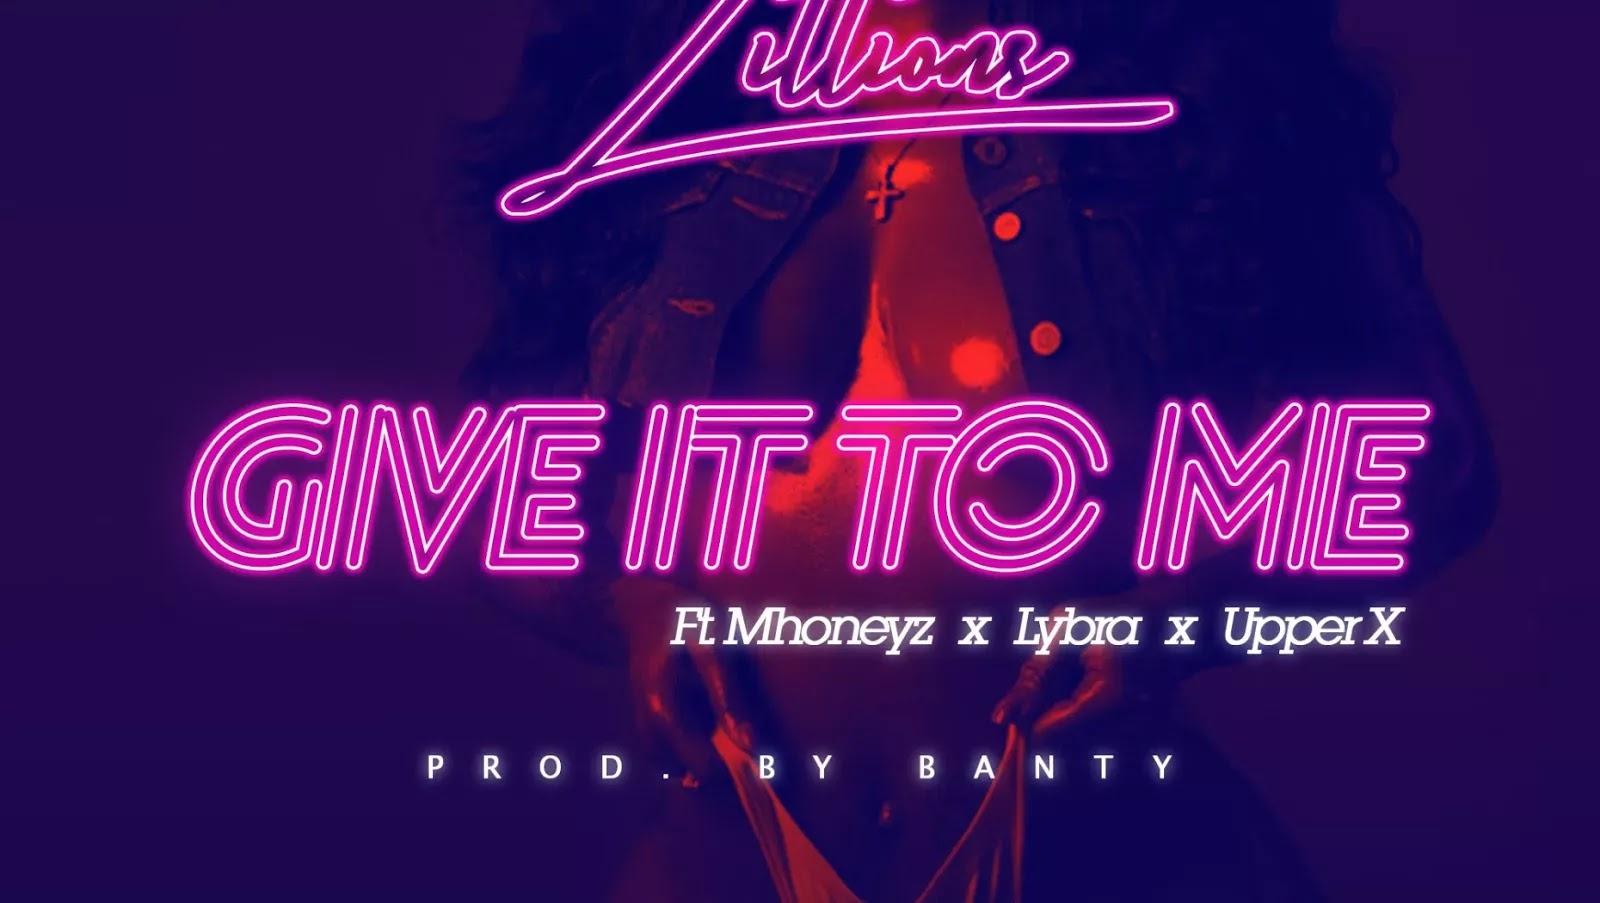 MUSIC: Zillions ft  Mhoneyz x Lybra x Upper X (Prod by Banty